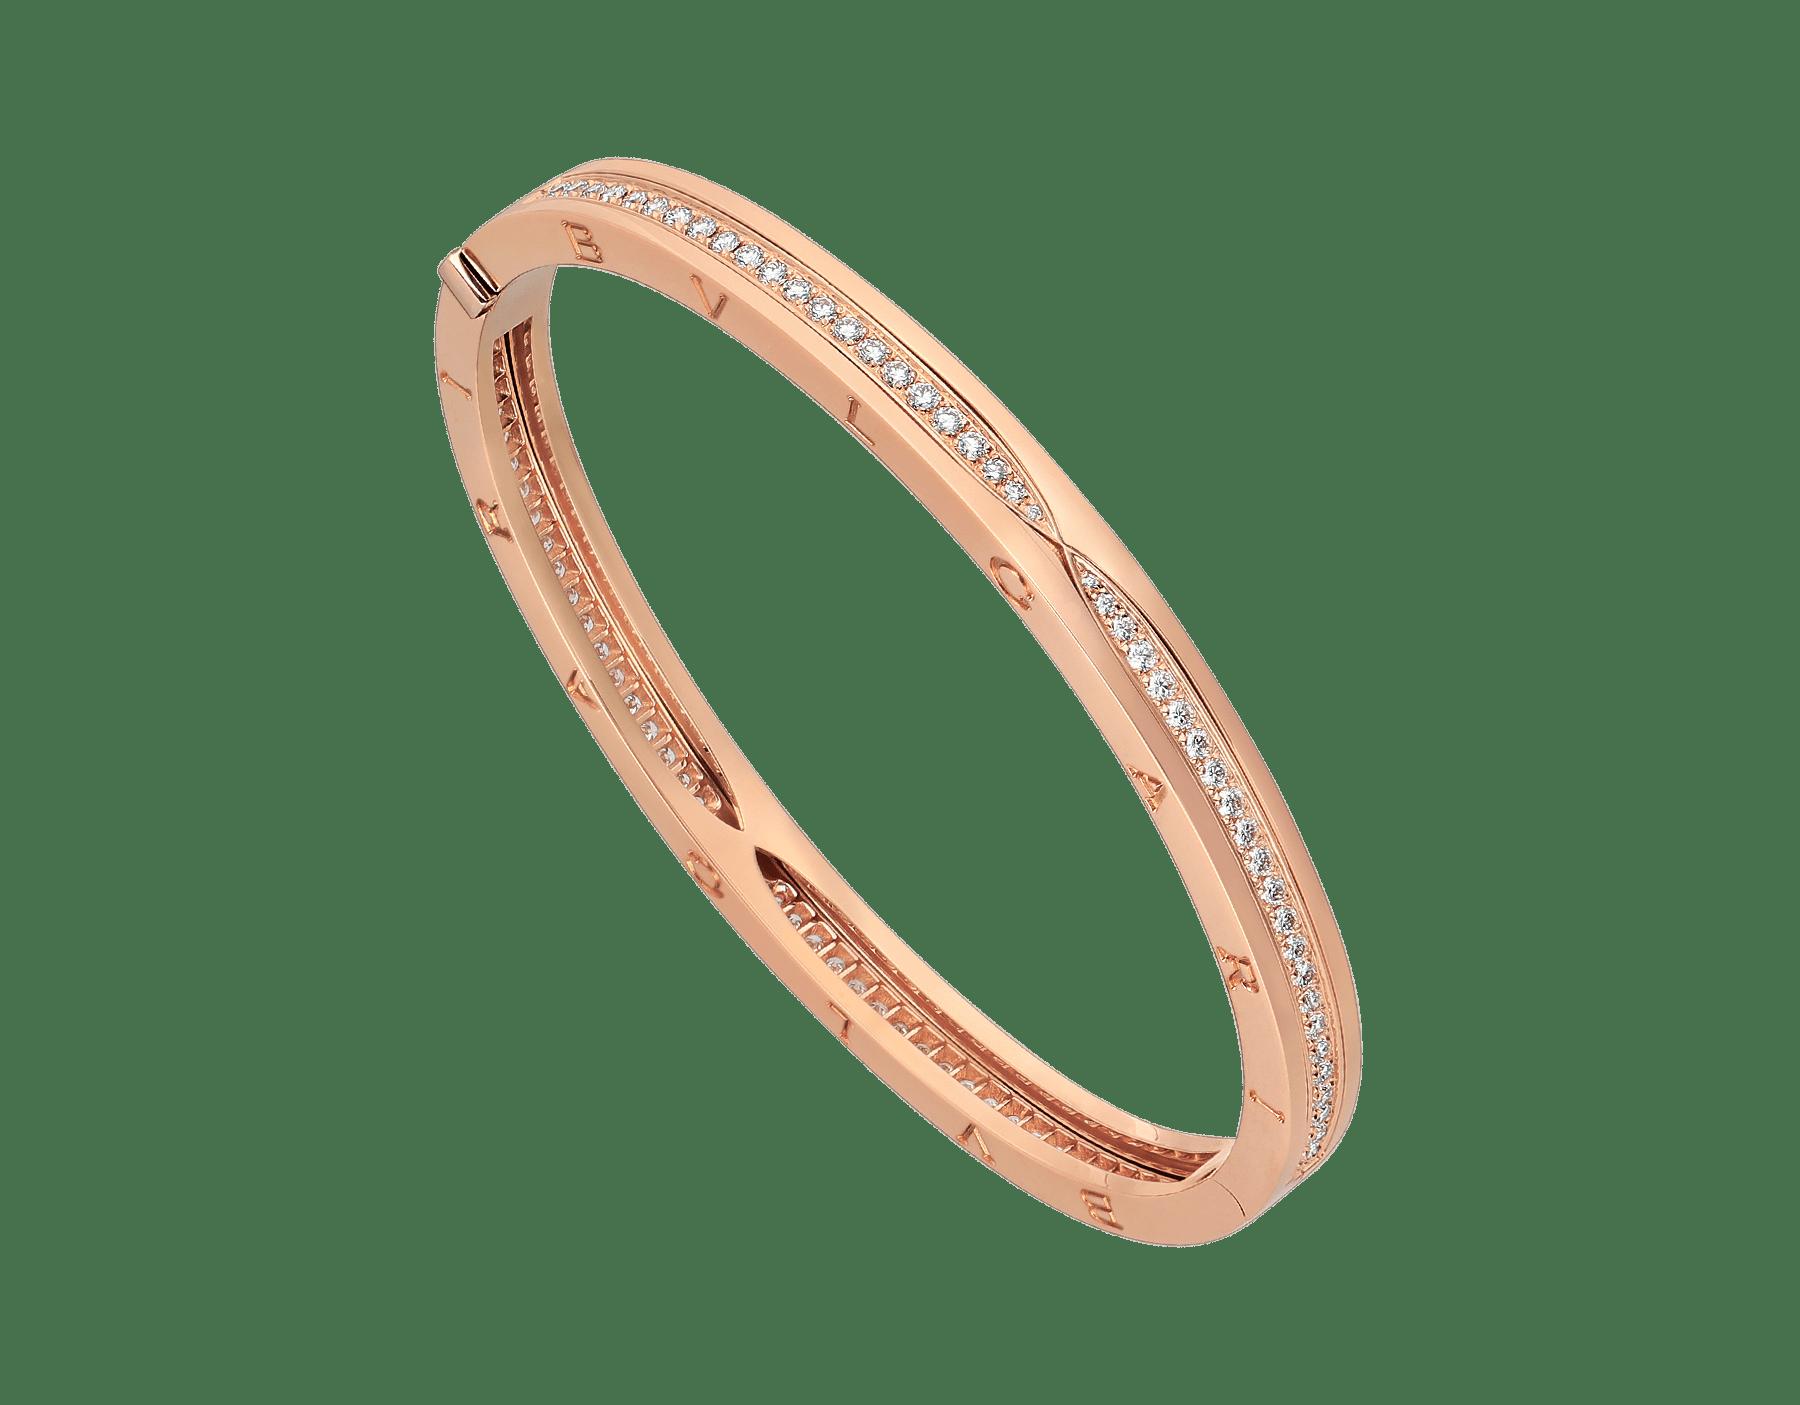 B.zero1 Armreif aus 18 Karat Roségold, an der Spirale ausgefasst mit Diamant-Pavé. 351400 image 1